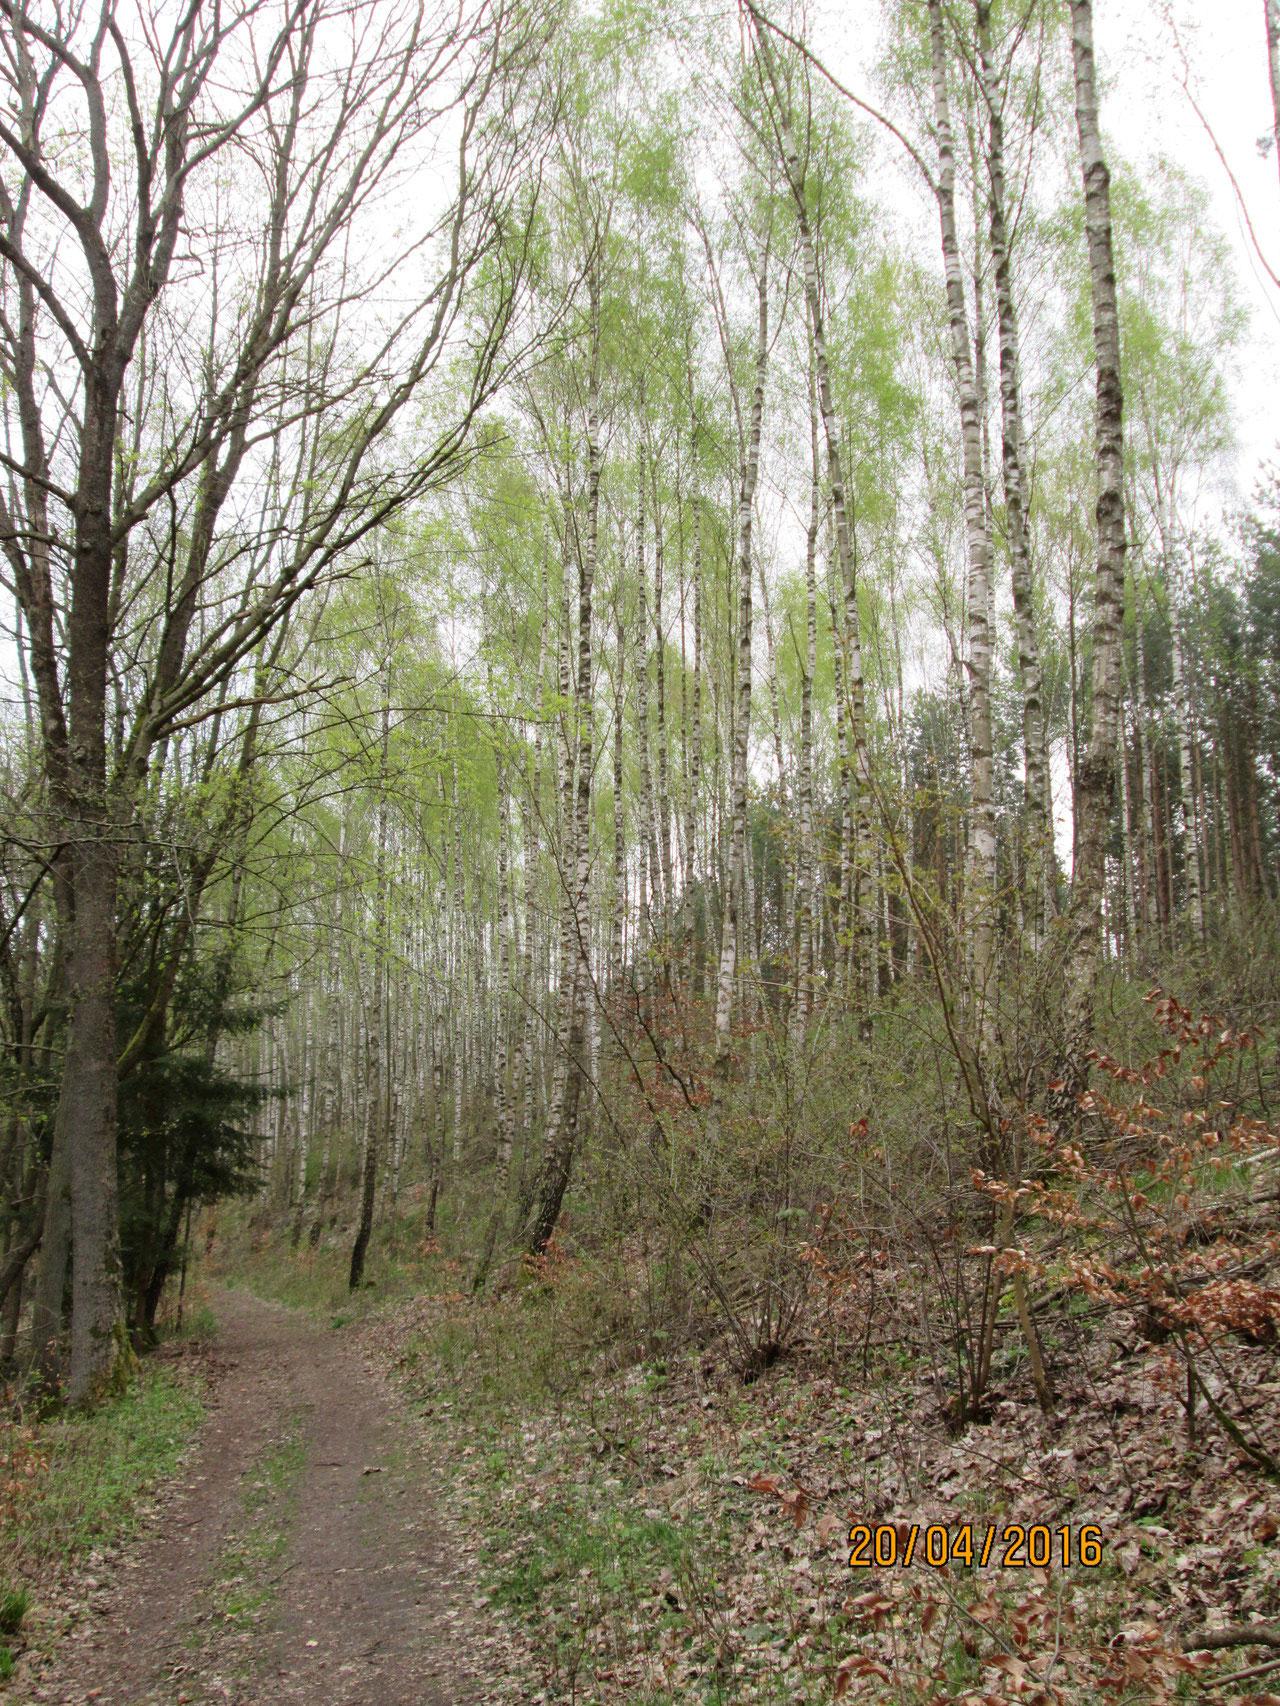 noch grünt der Wald frühjarhsblass über den Urnen, die an den Wurzeln vergraben sind...